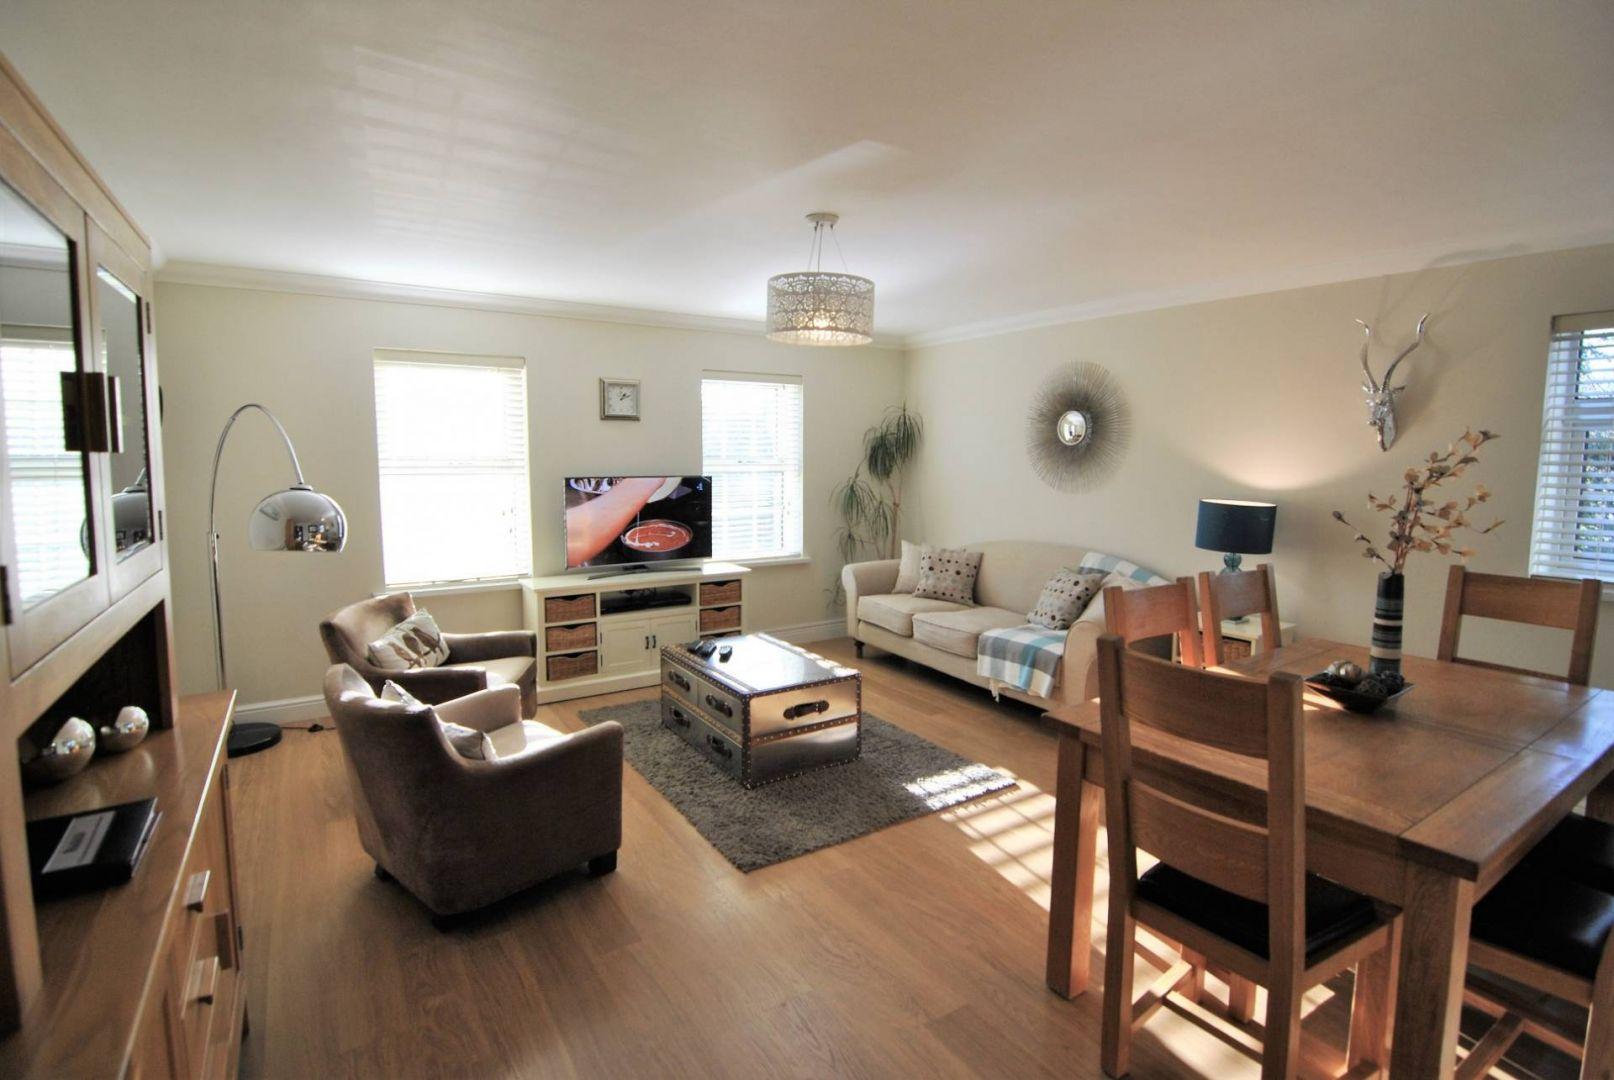 Camperdown House, Windsor SL4 3HQ